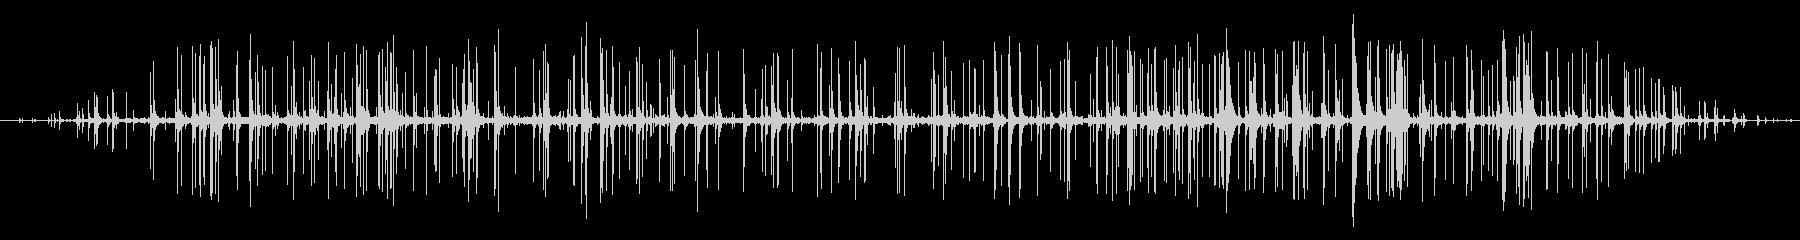 木が燃える音の未再生の波形